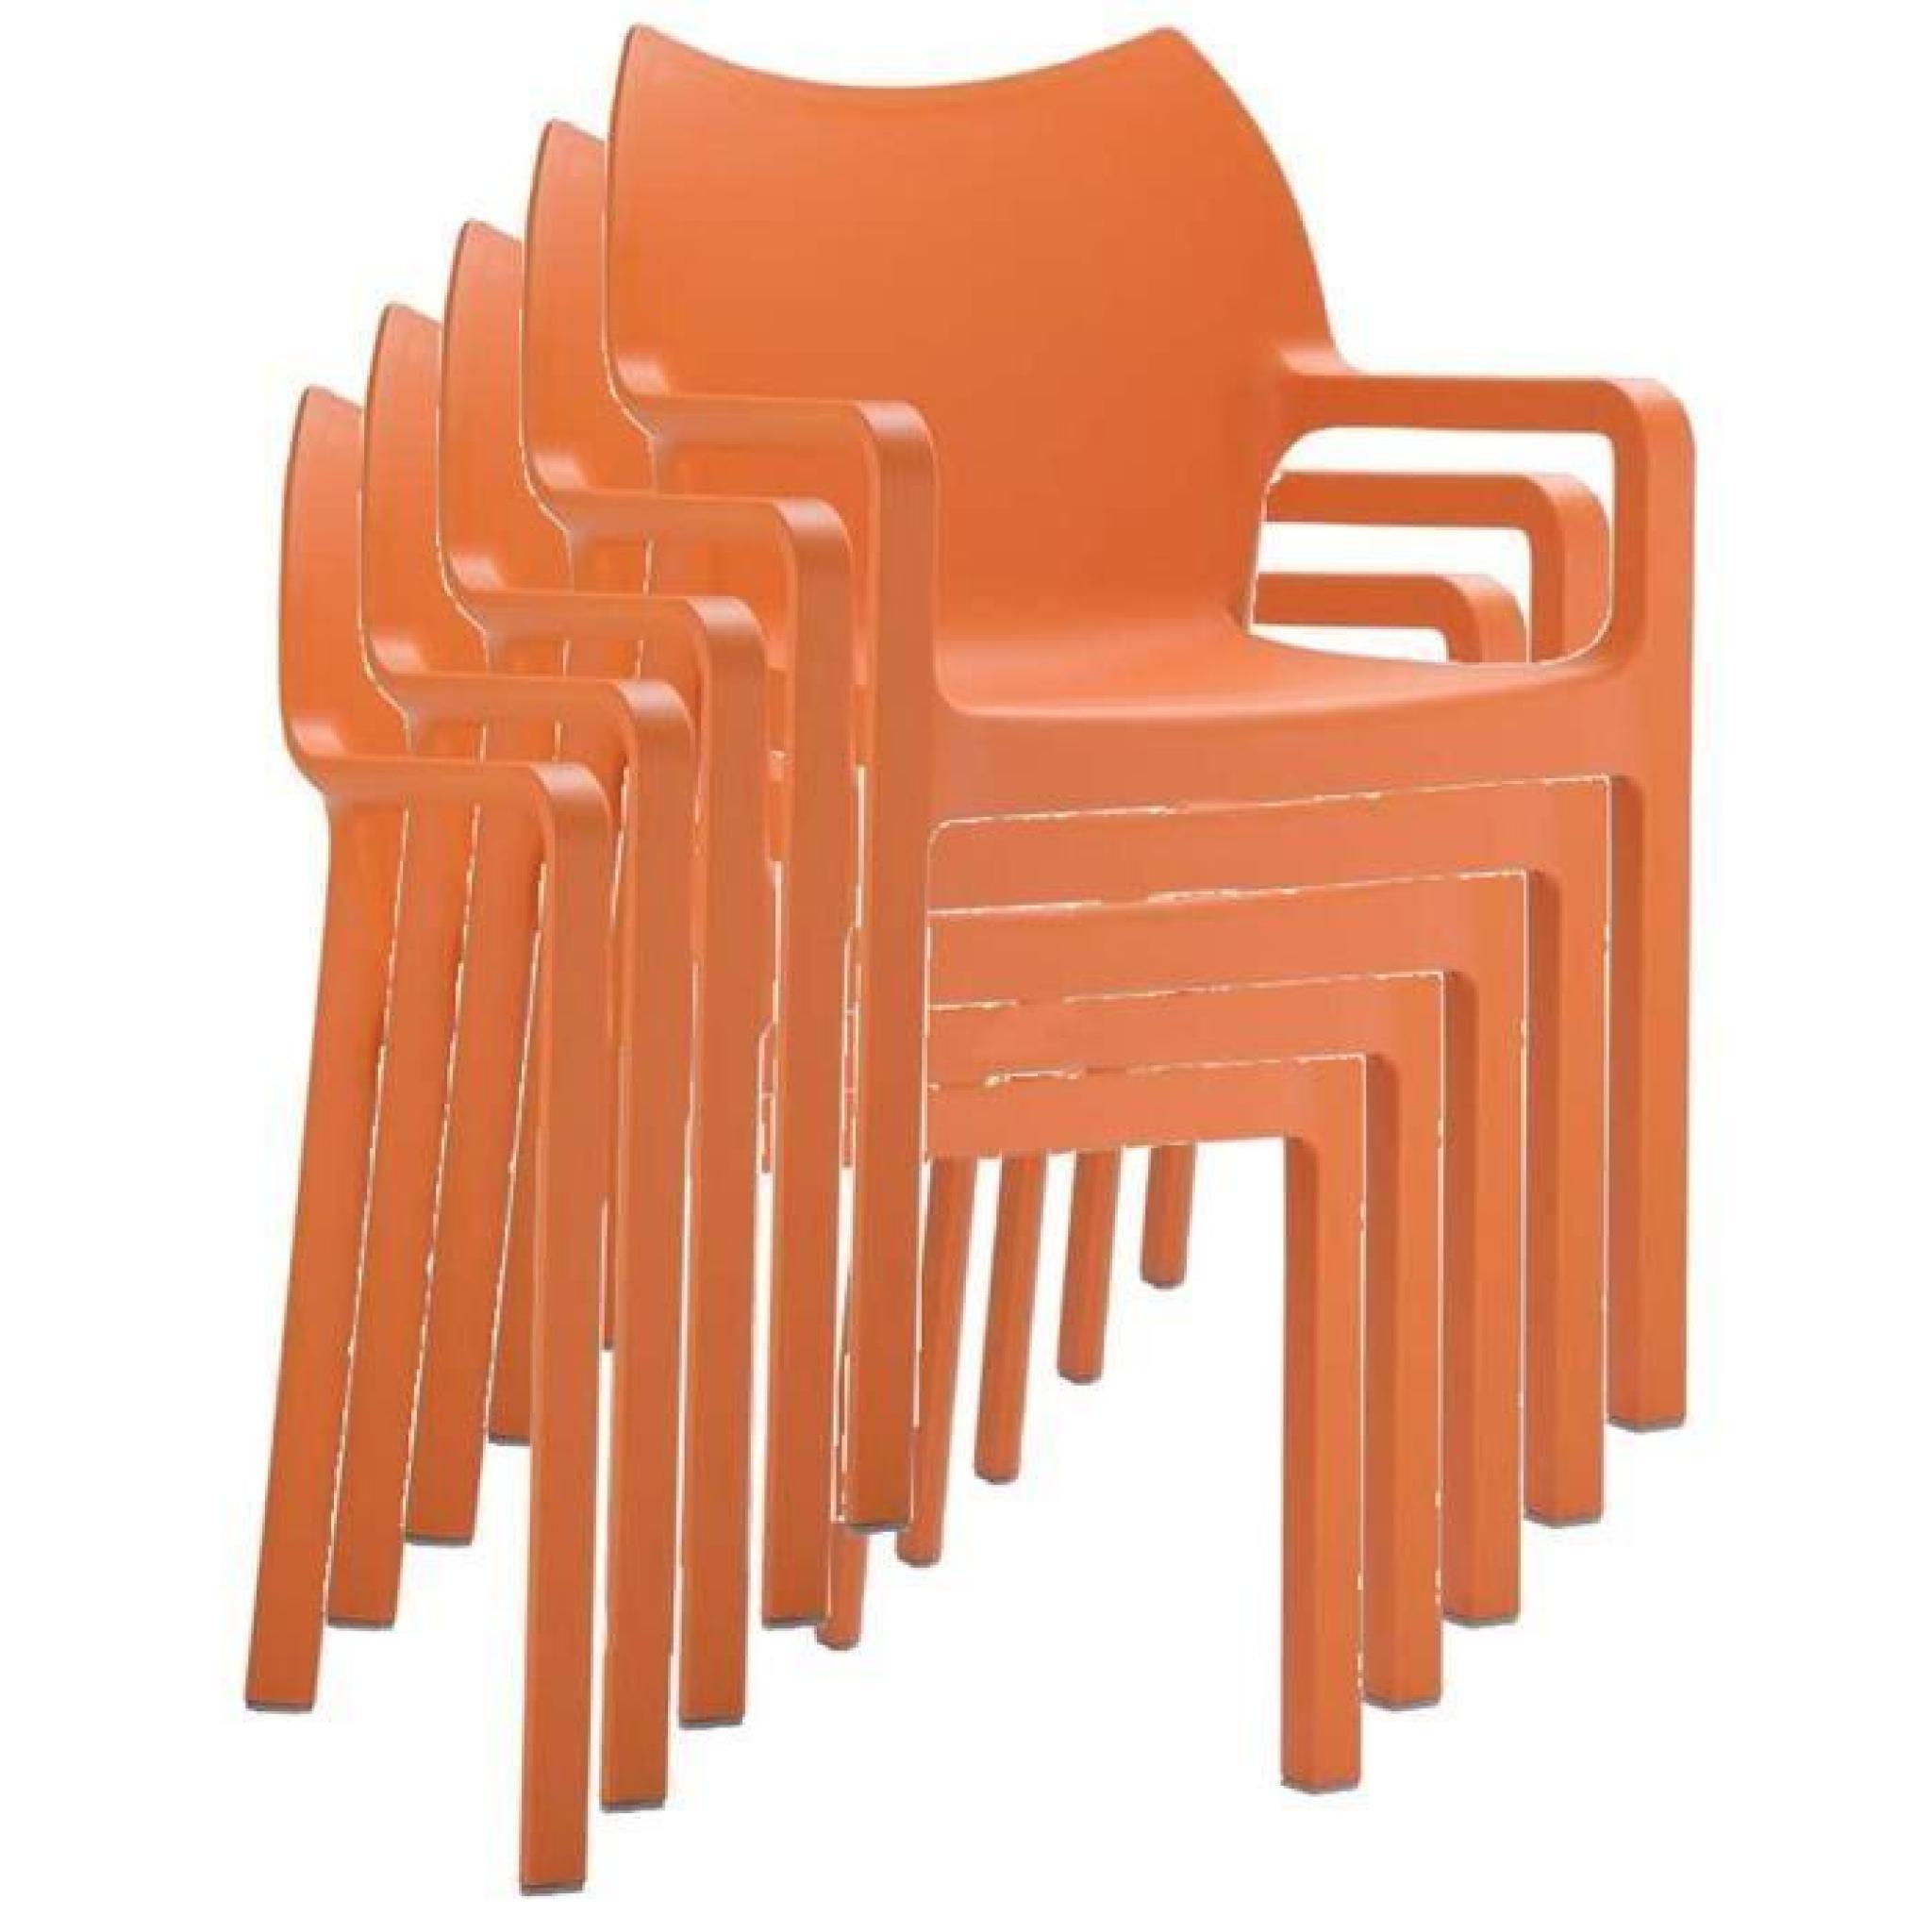 Chaise De Jardin Empilable En Plastique, Orange pour Chaise De Jardin Pas Chere